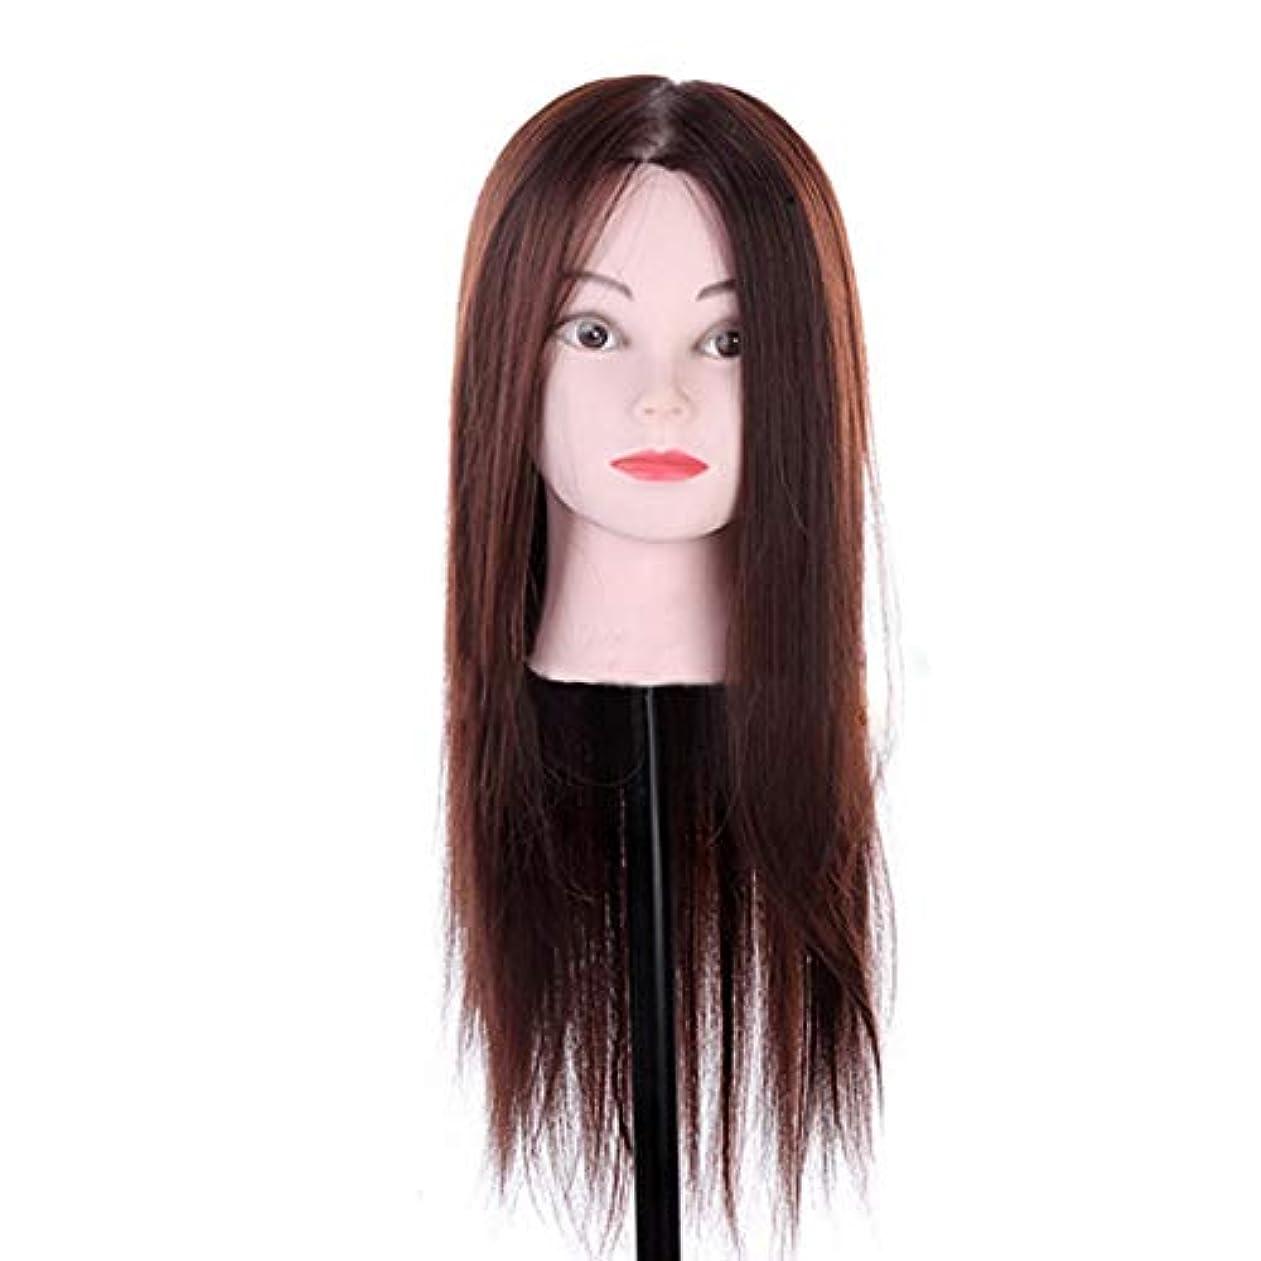 私達適応的画像メイクアップエクササイズディスク髪編組ヘッド金型デュアルユースダミーヘッドモデルヘッド美容ヘアカットティーチングヘッドかつら